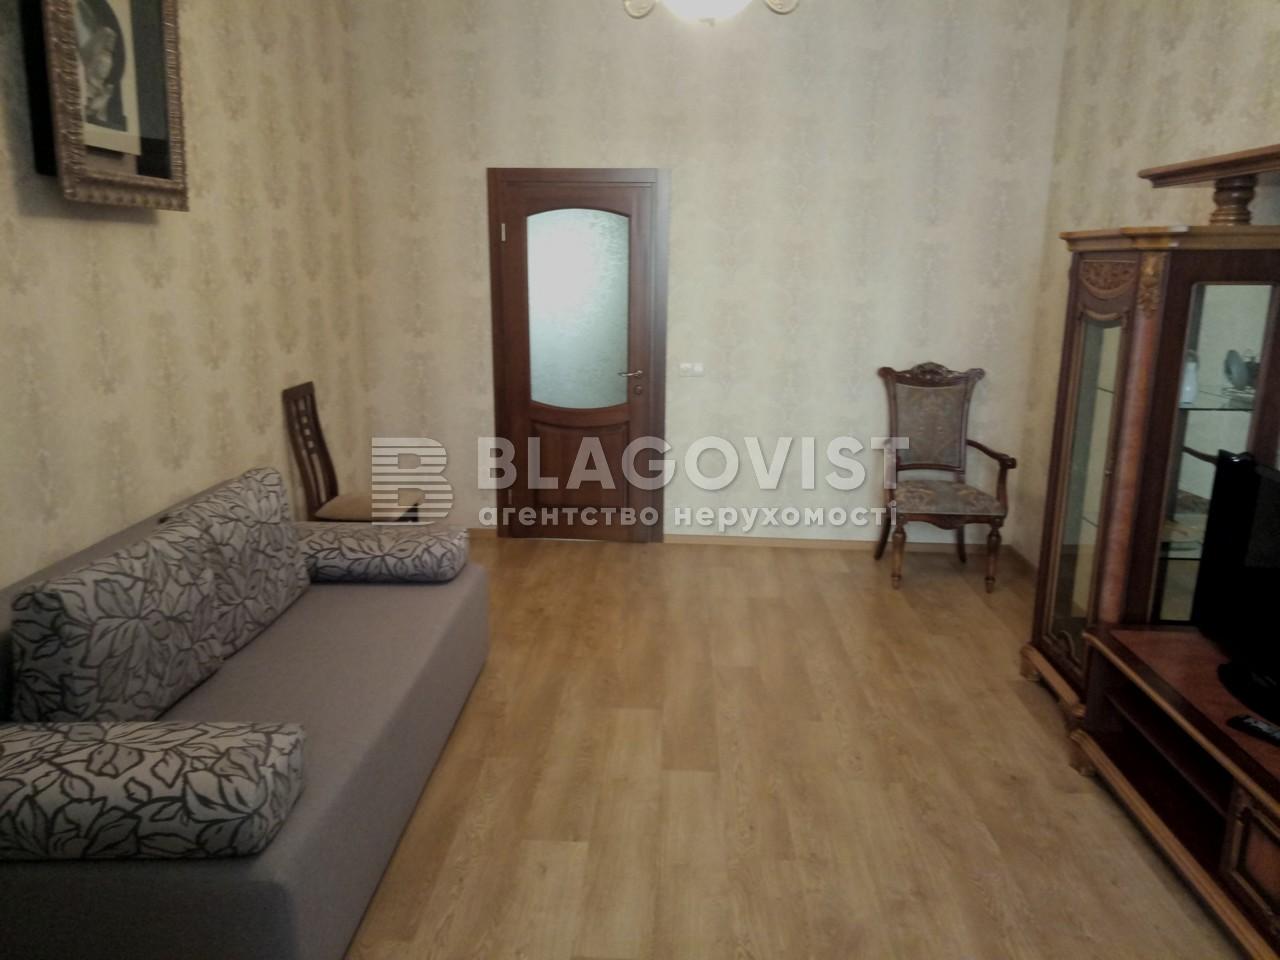 Квартира M-35970, Борщаговская, 28а, Петропавловская Борщаговка - Фото 4